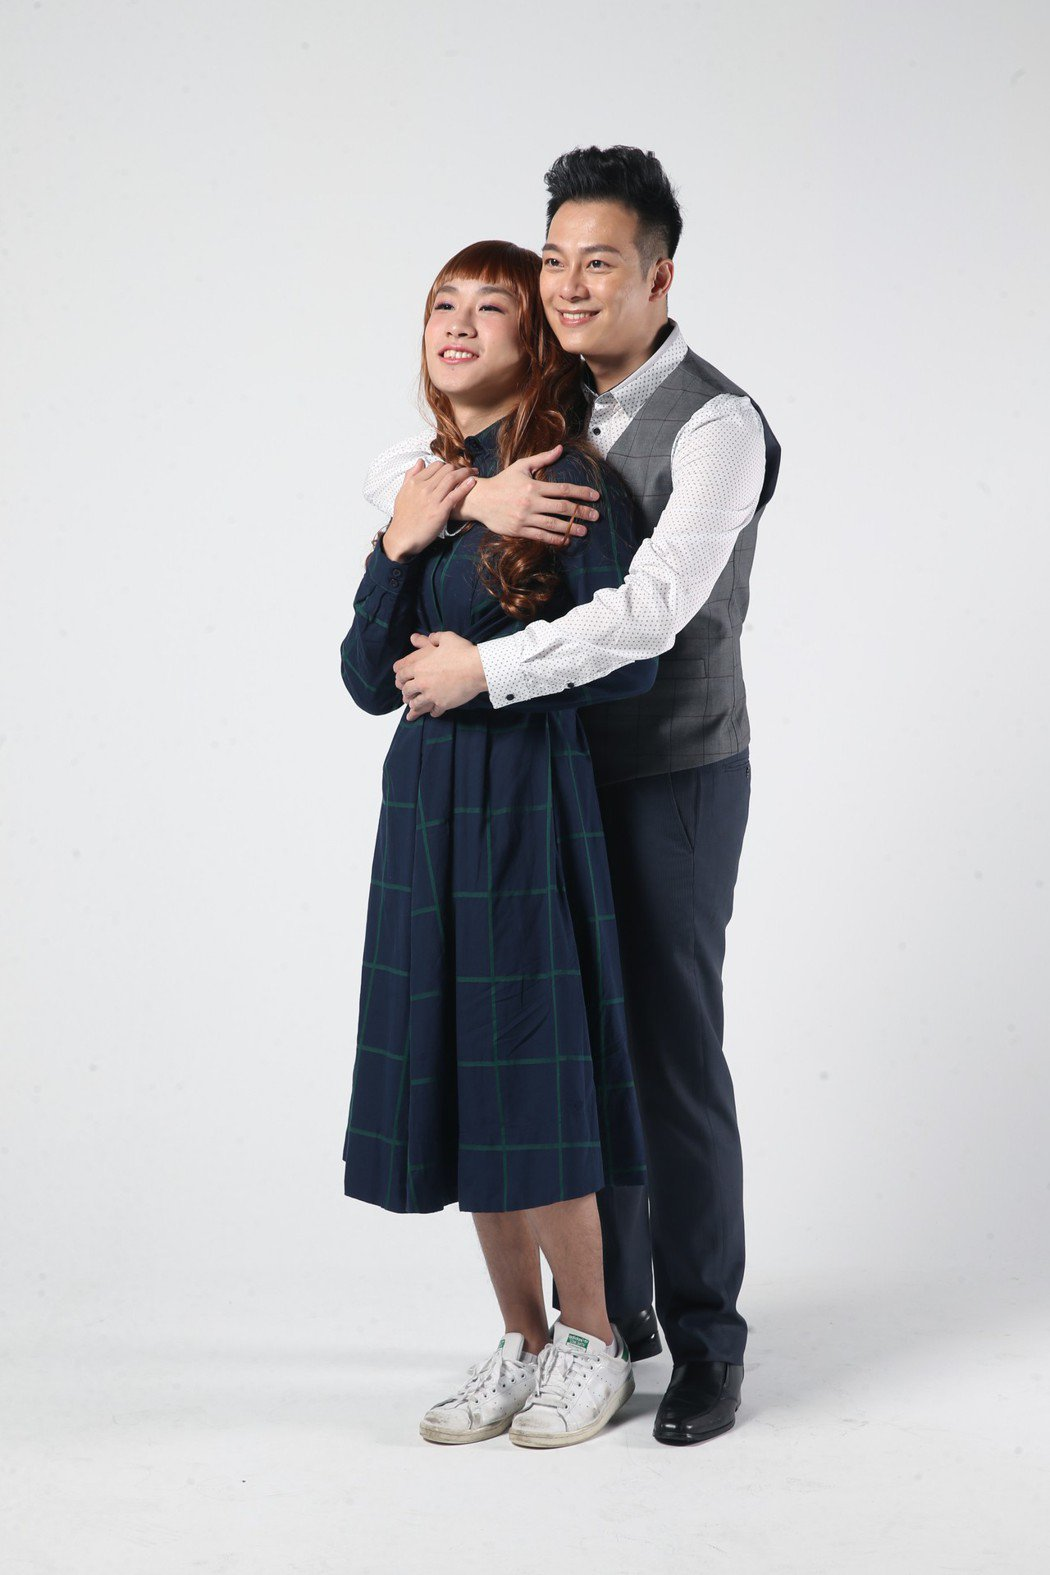 林則希(右)與蔡承翰日前受邀拍攝「噓腦補劇場」。記者許正宏/攝影